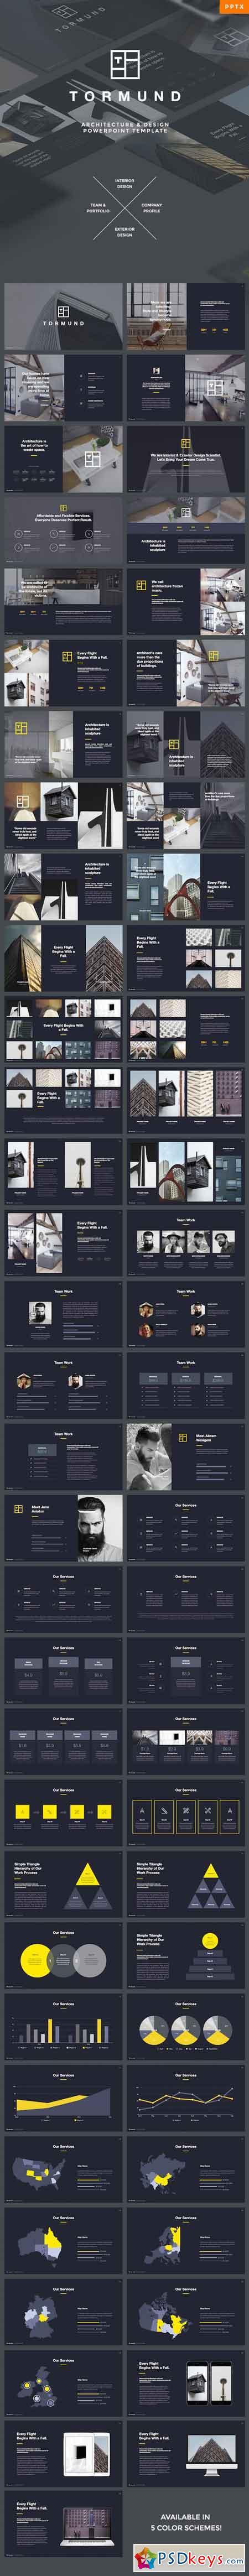 Thormund - Design & Portfolio Powerpoint Template 19387581